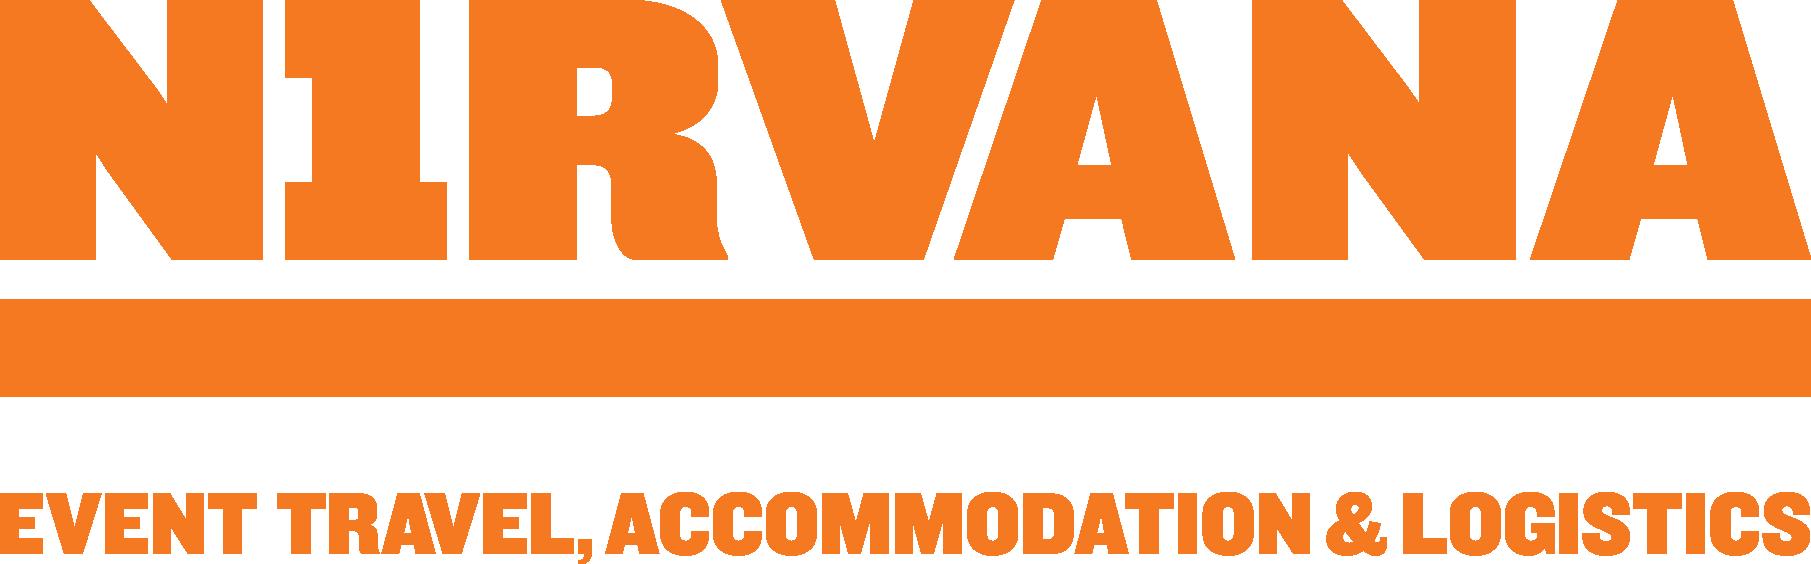 Nirvana Event rejser, indkvartering og logistik partner logo